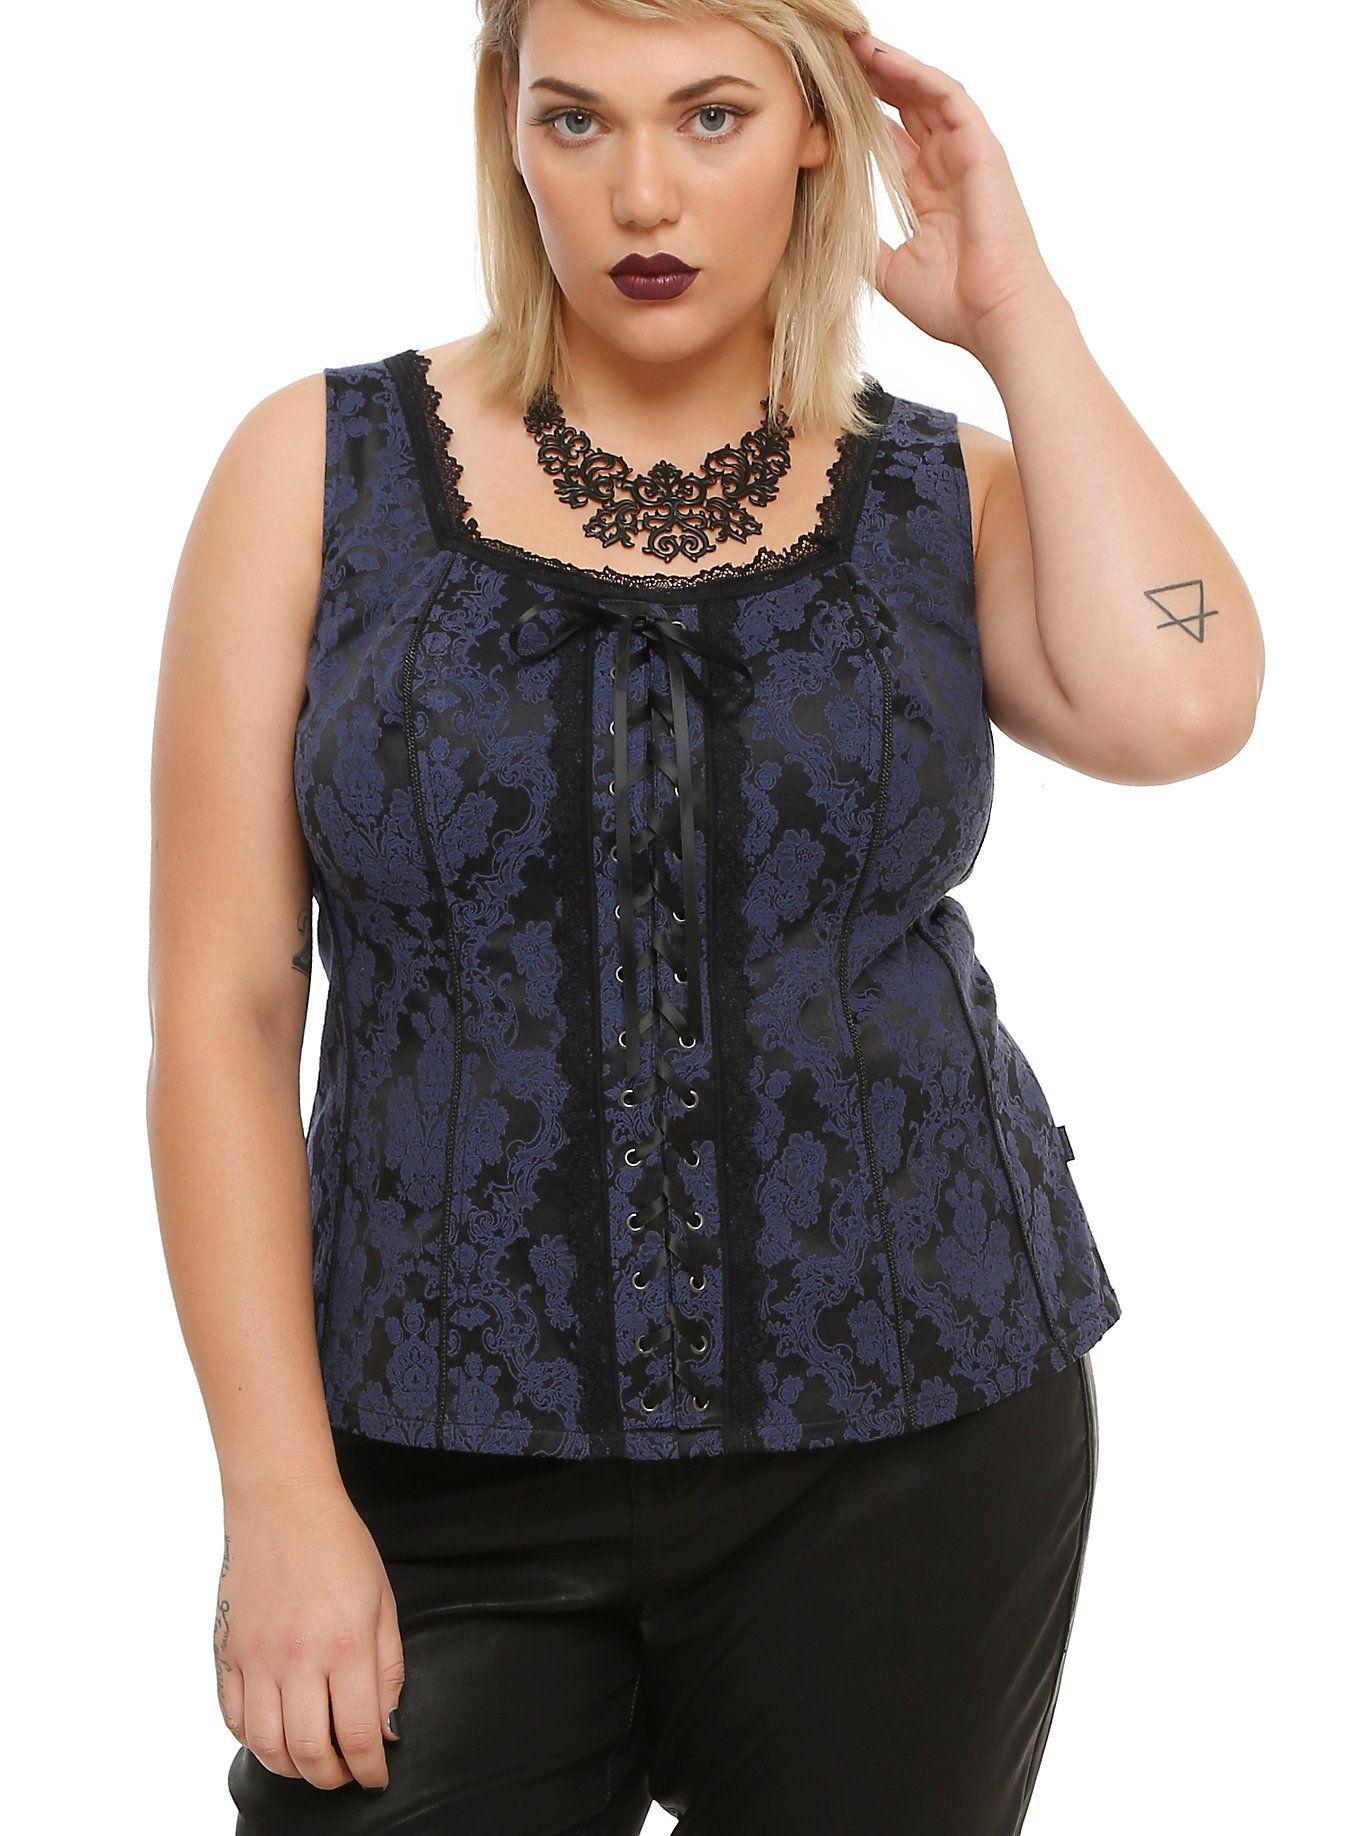 167acdbc53a Tripp Navy   Black Floral Lace-Up Corset Plus Size